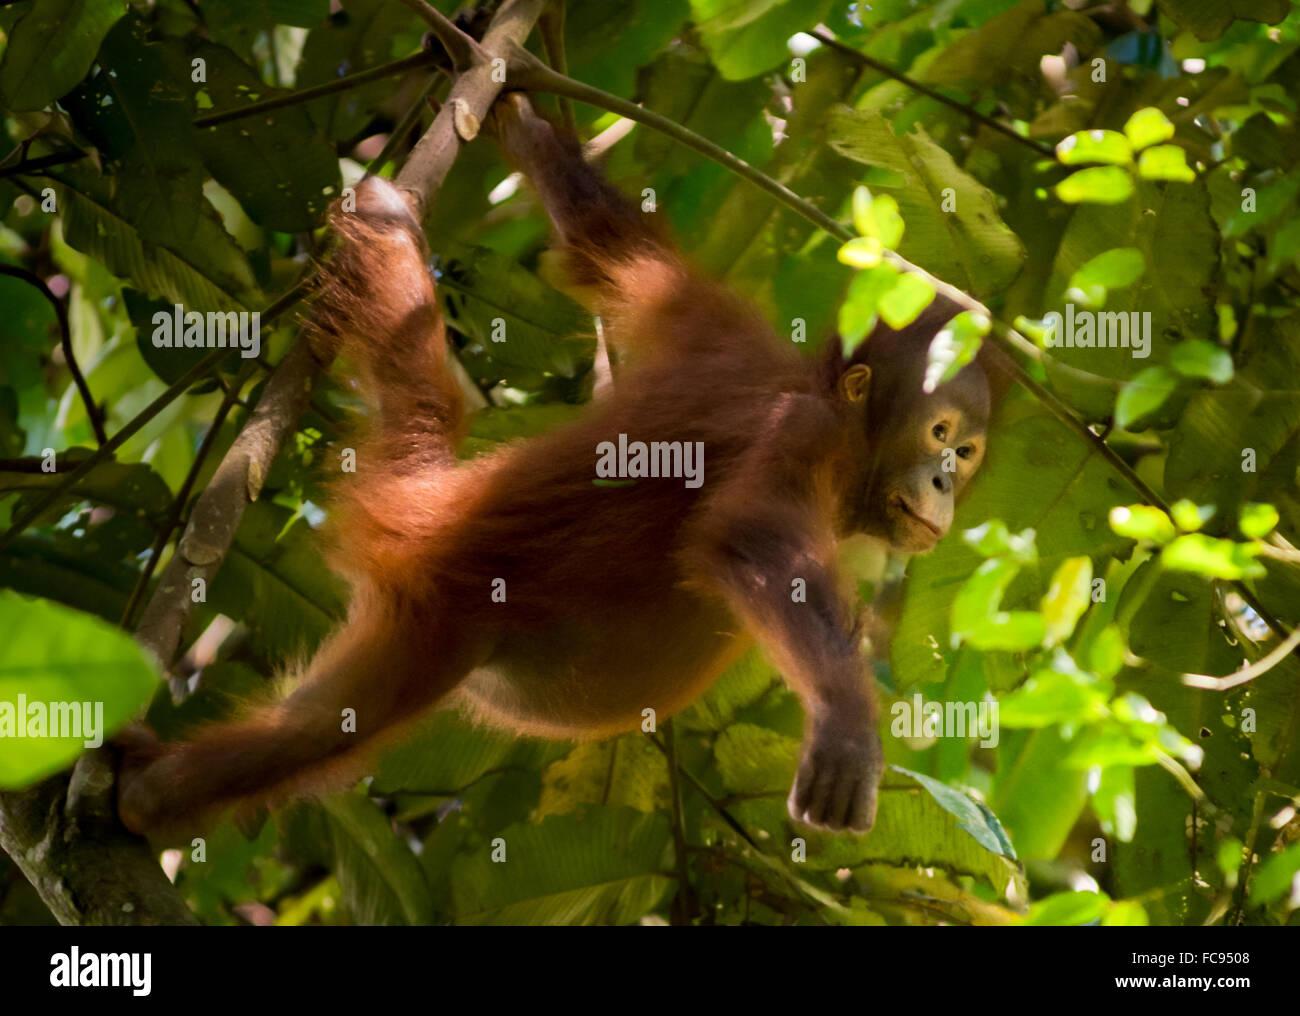 Les jeunes orang-outan (Pongo pygmaeus morio) dans la nature. Le Parc National de Kutai, Indonésie. Photo Stock